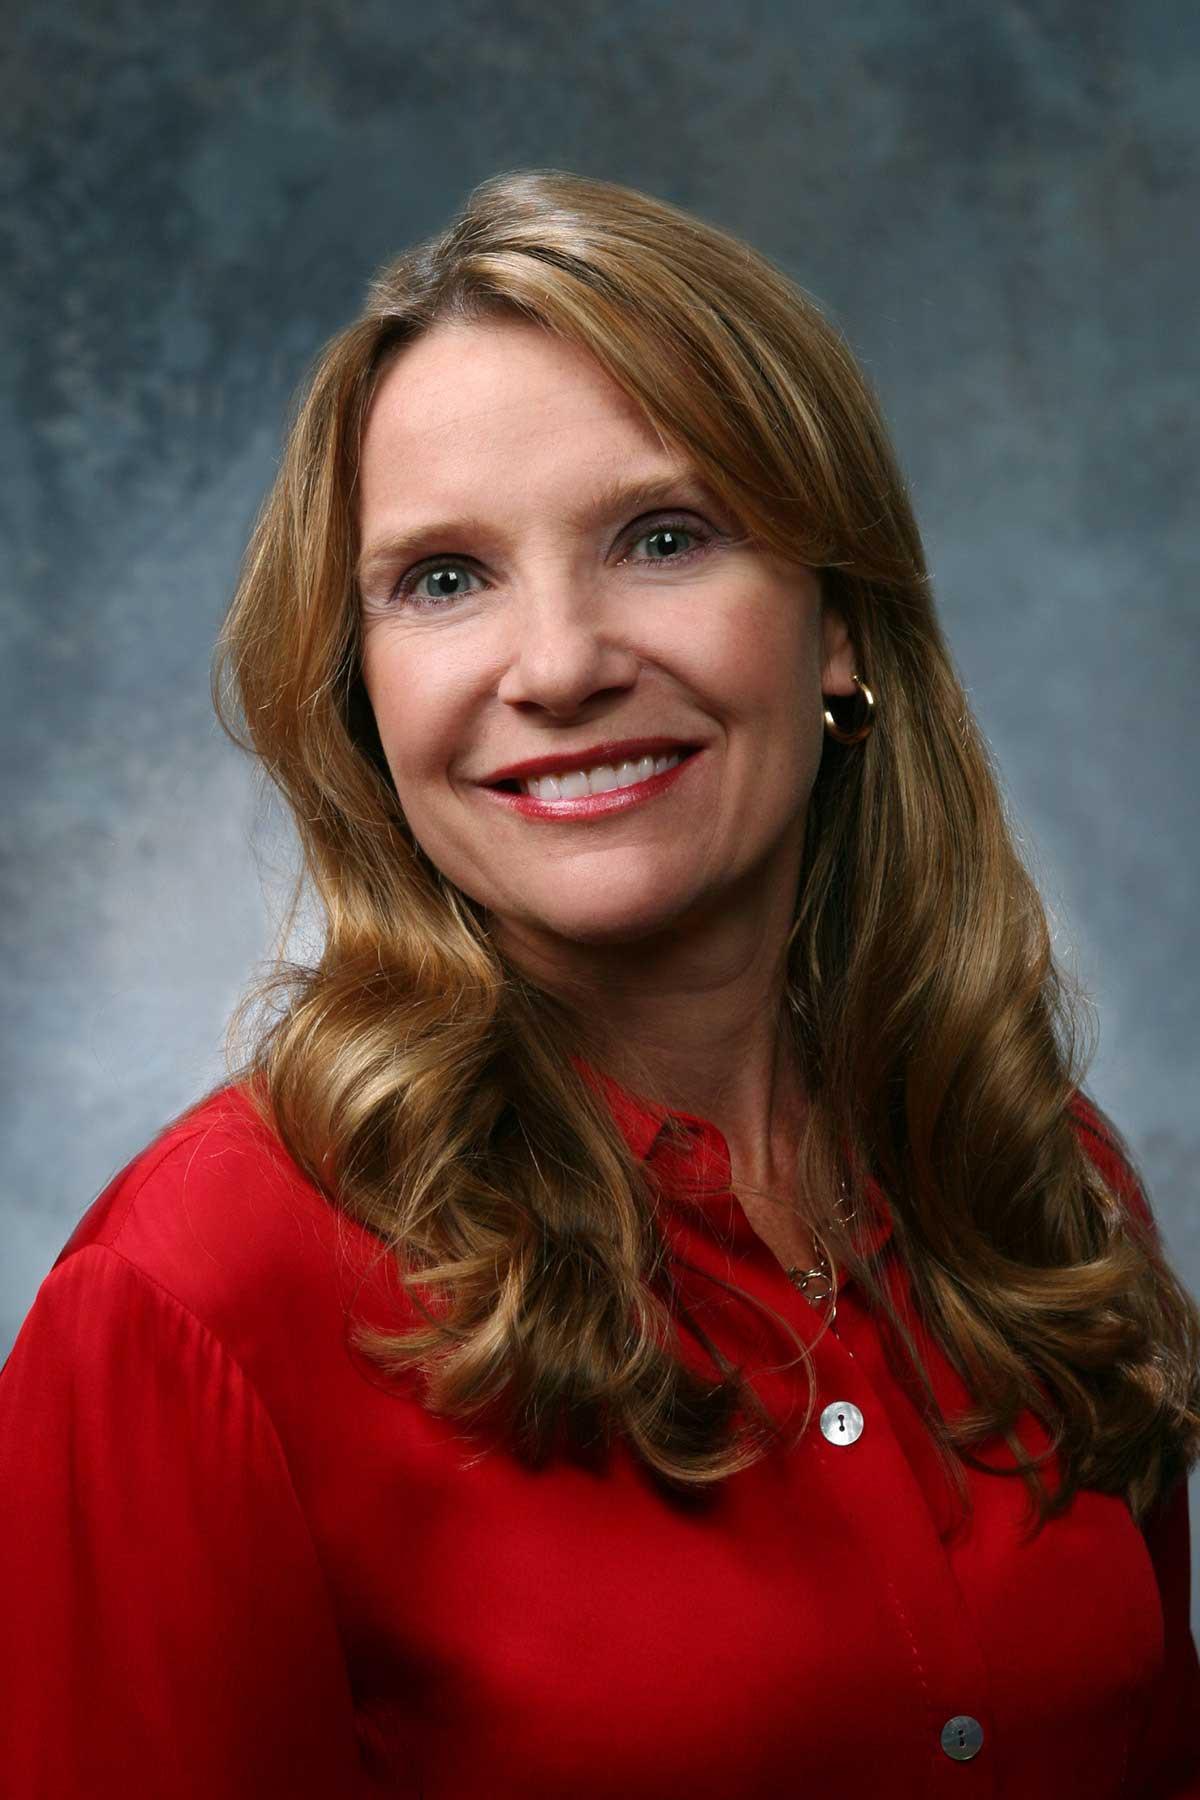 Sara Wiener, assistant vice president of retirement at Principal.